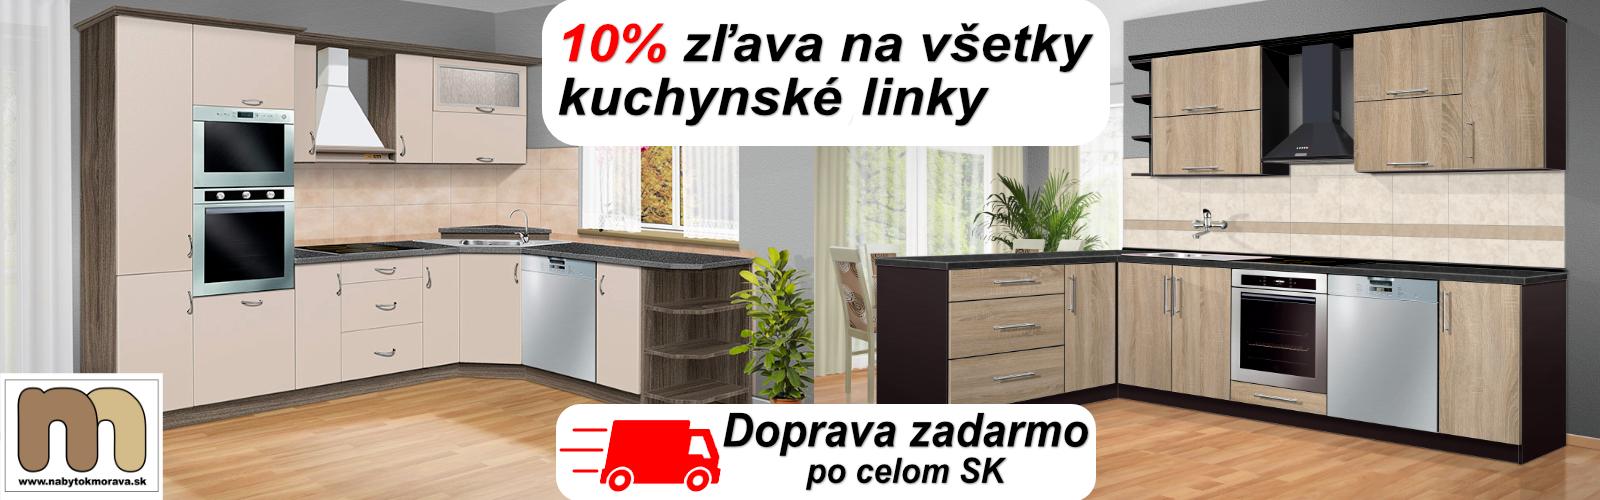 Zľava na kuchyne 10%